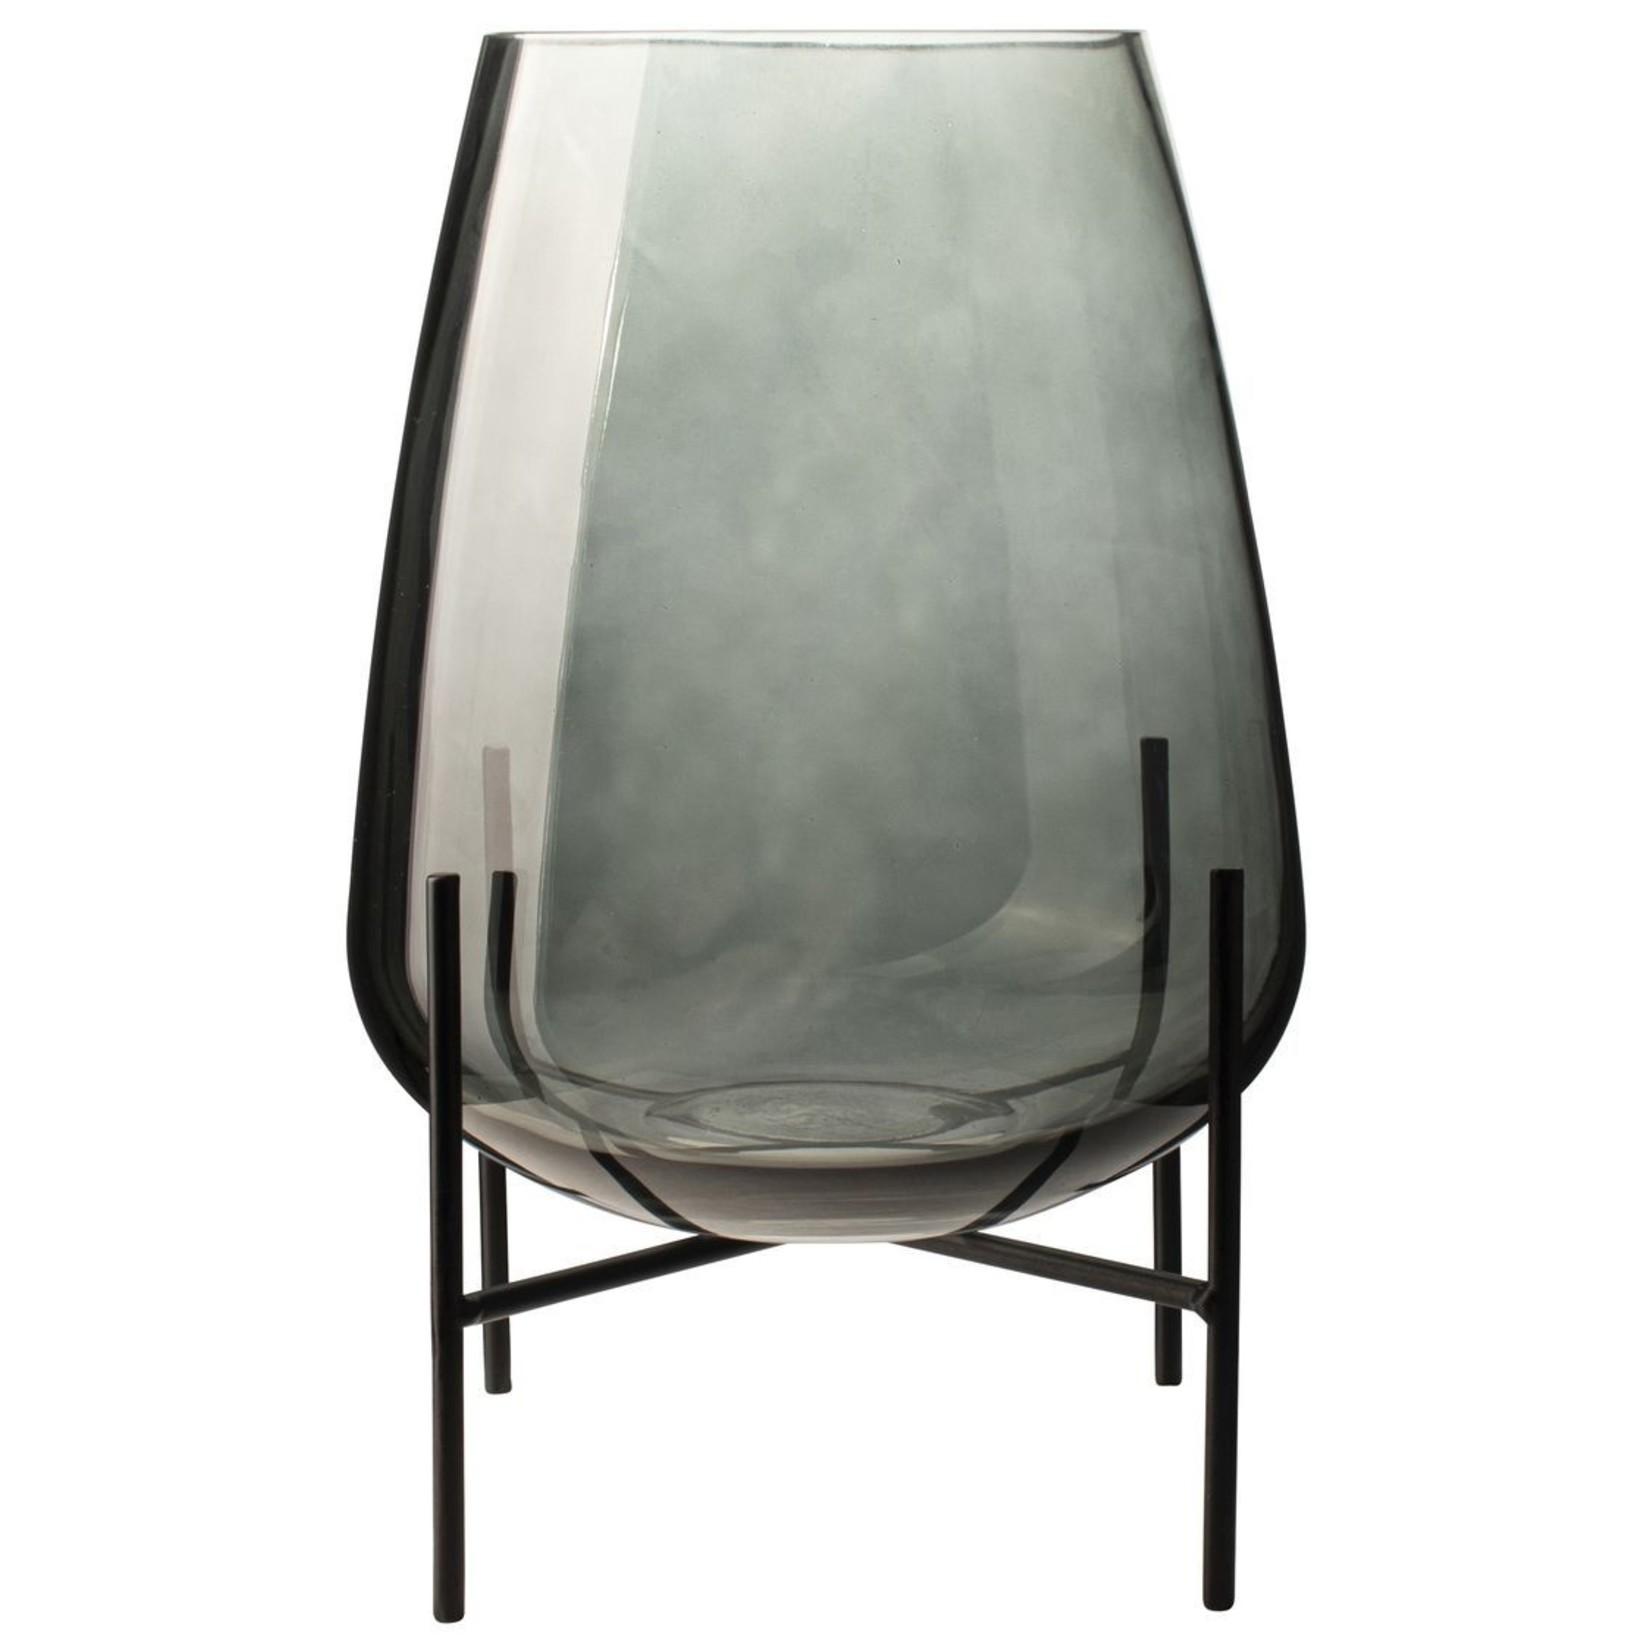 Glazen vaas met standaard Gusta